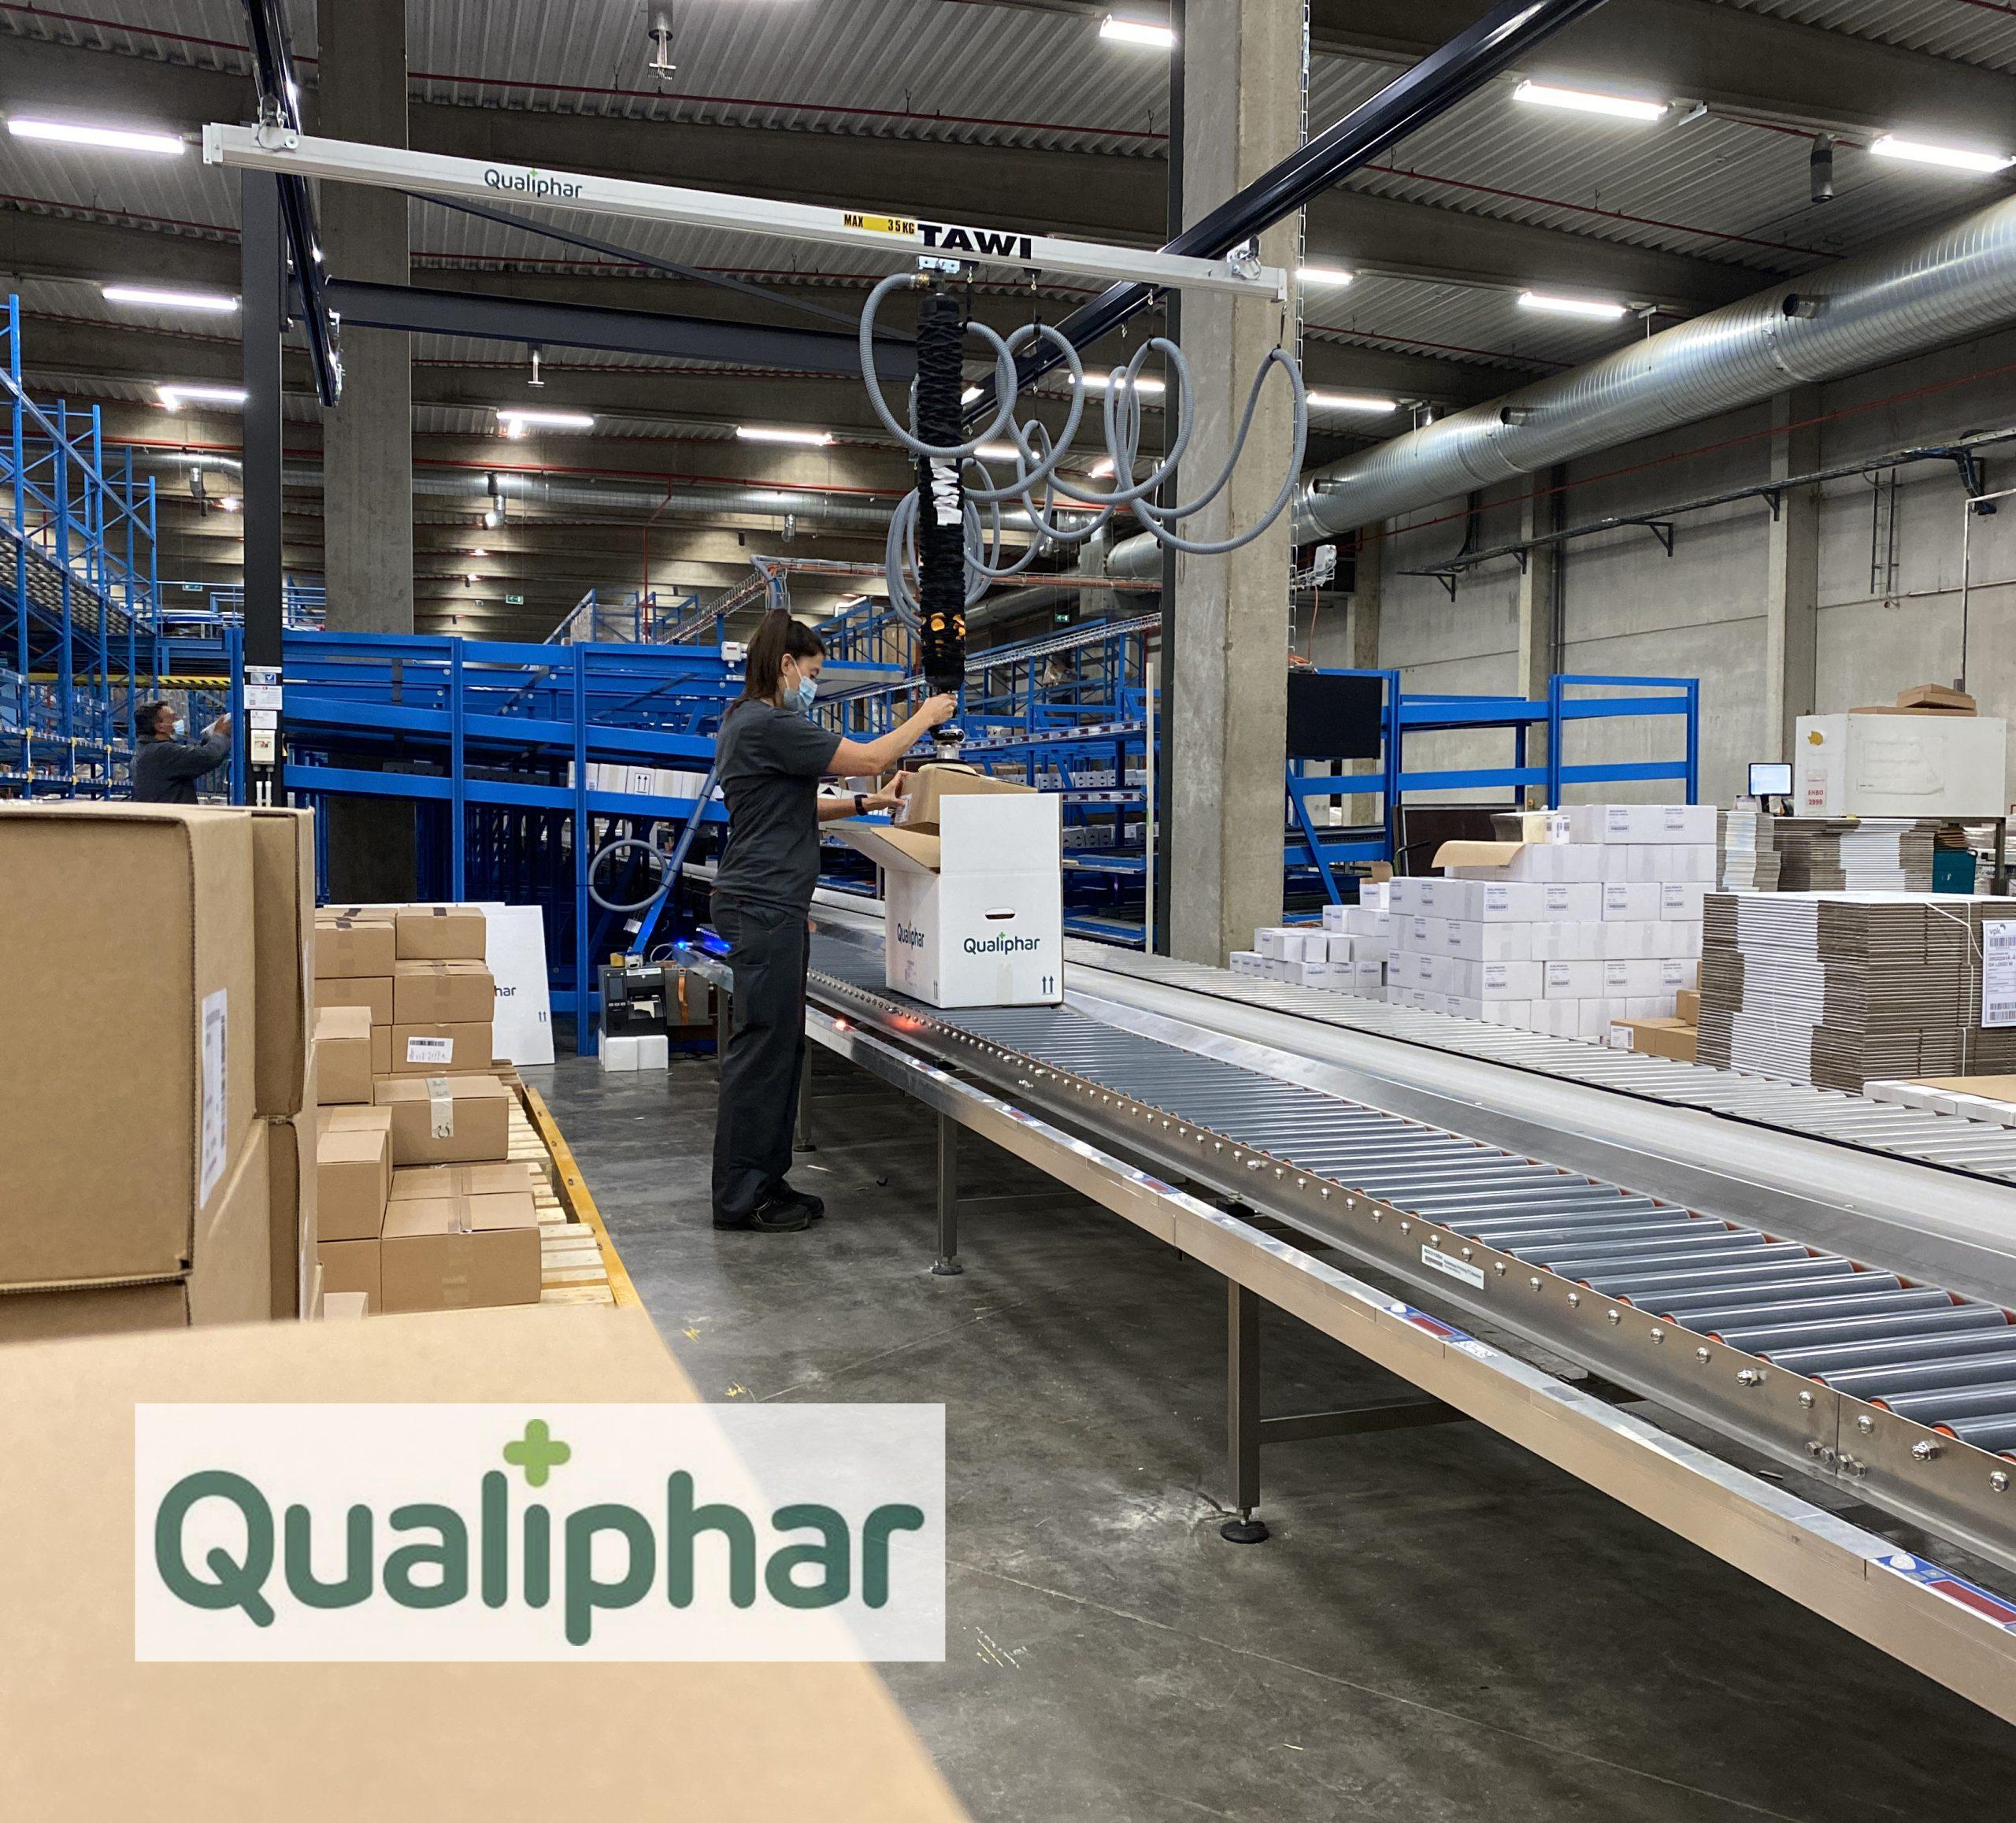 Cover afbeelding voor de case Qualiphar met logo